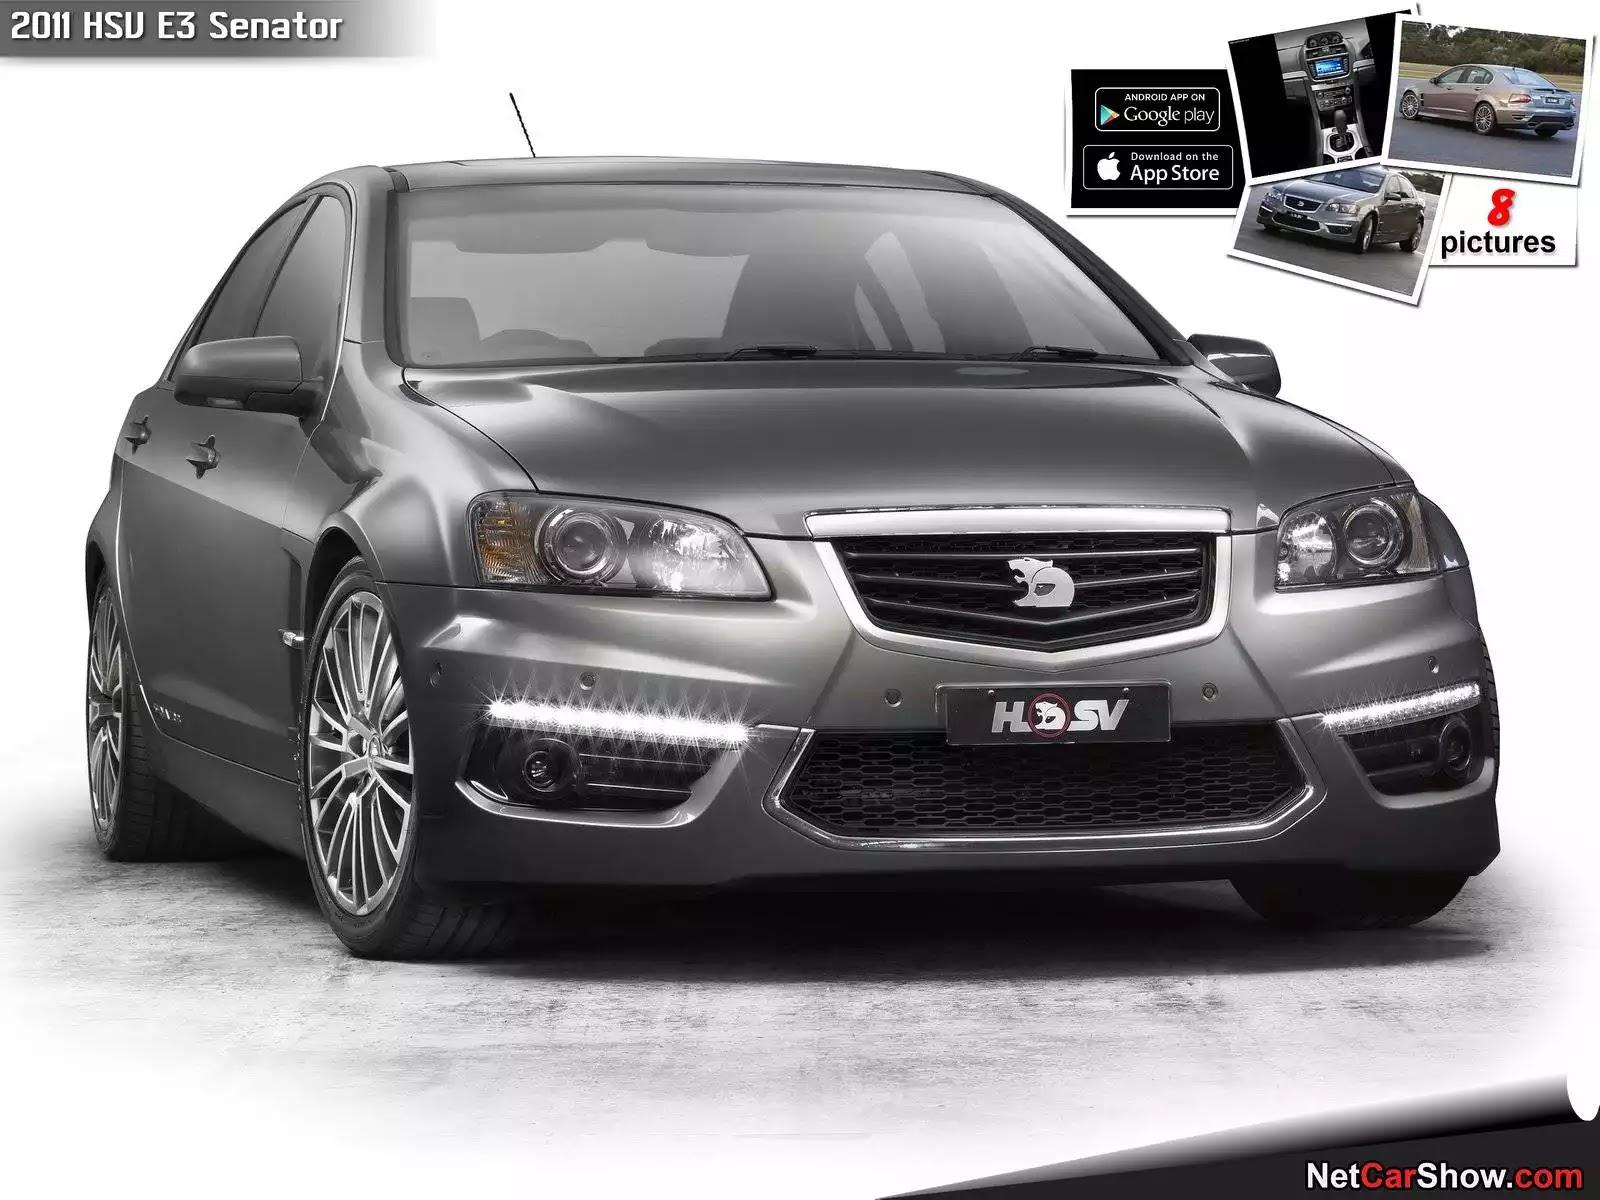 Hình ảnh xe ô tô HSV E3 Senator 2011 & nội ngoại thất